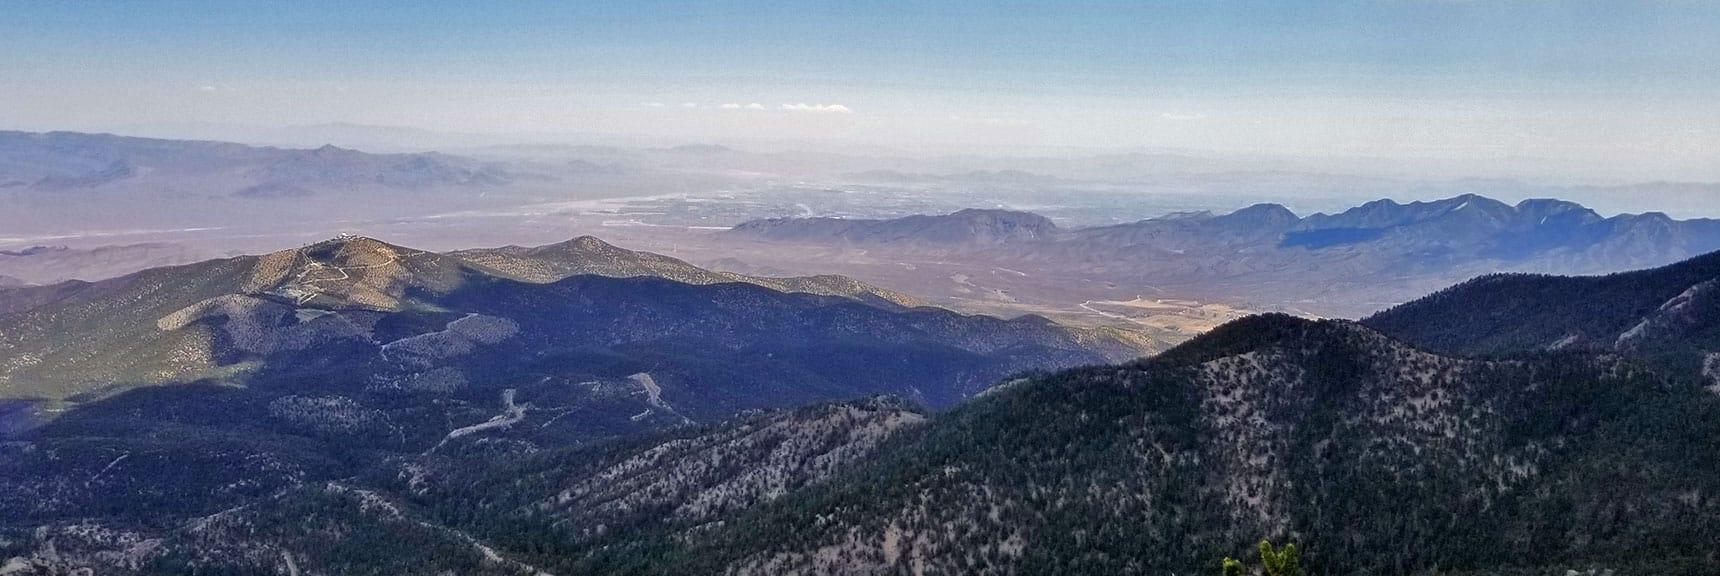 Centennial Hills and La Madre Mountain Viewed from Mummy Mountain's Northeastern Cliffs   Mummy Mountain NNE, Mt. Charleston Wilderness, Nevada, Slide 030